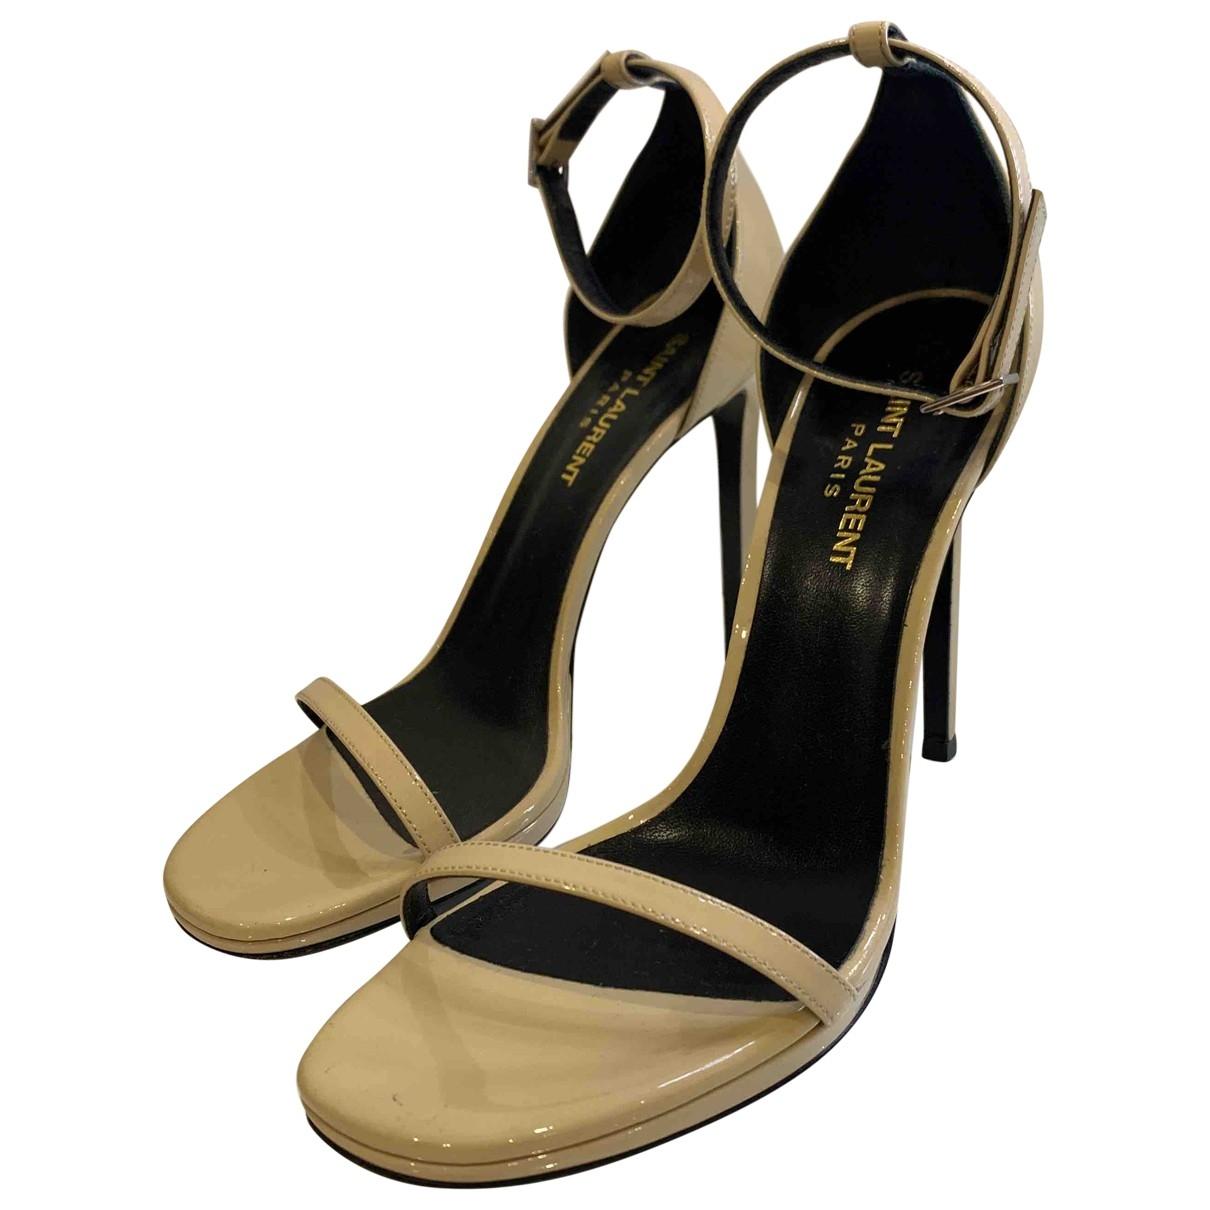 Saint Laurent - Sandales Amber pour femme en cuir verni - beige